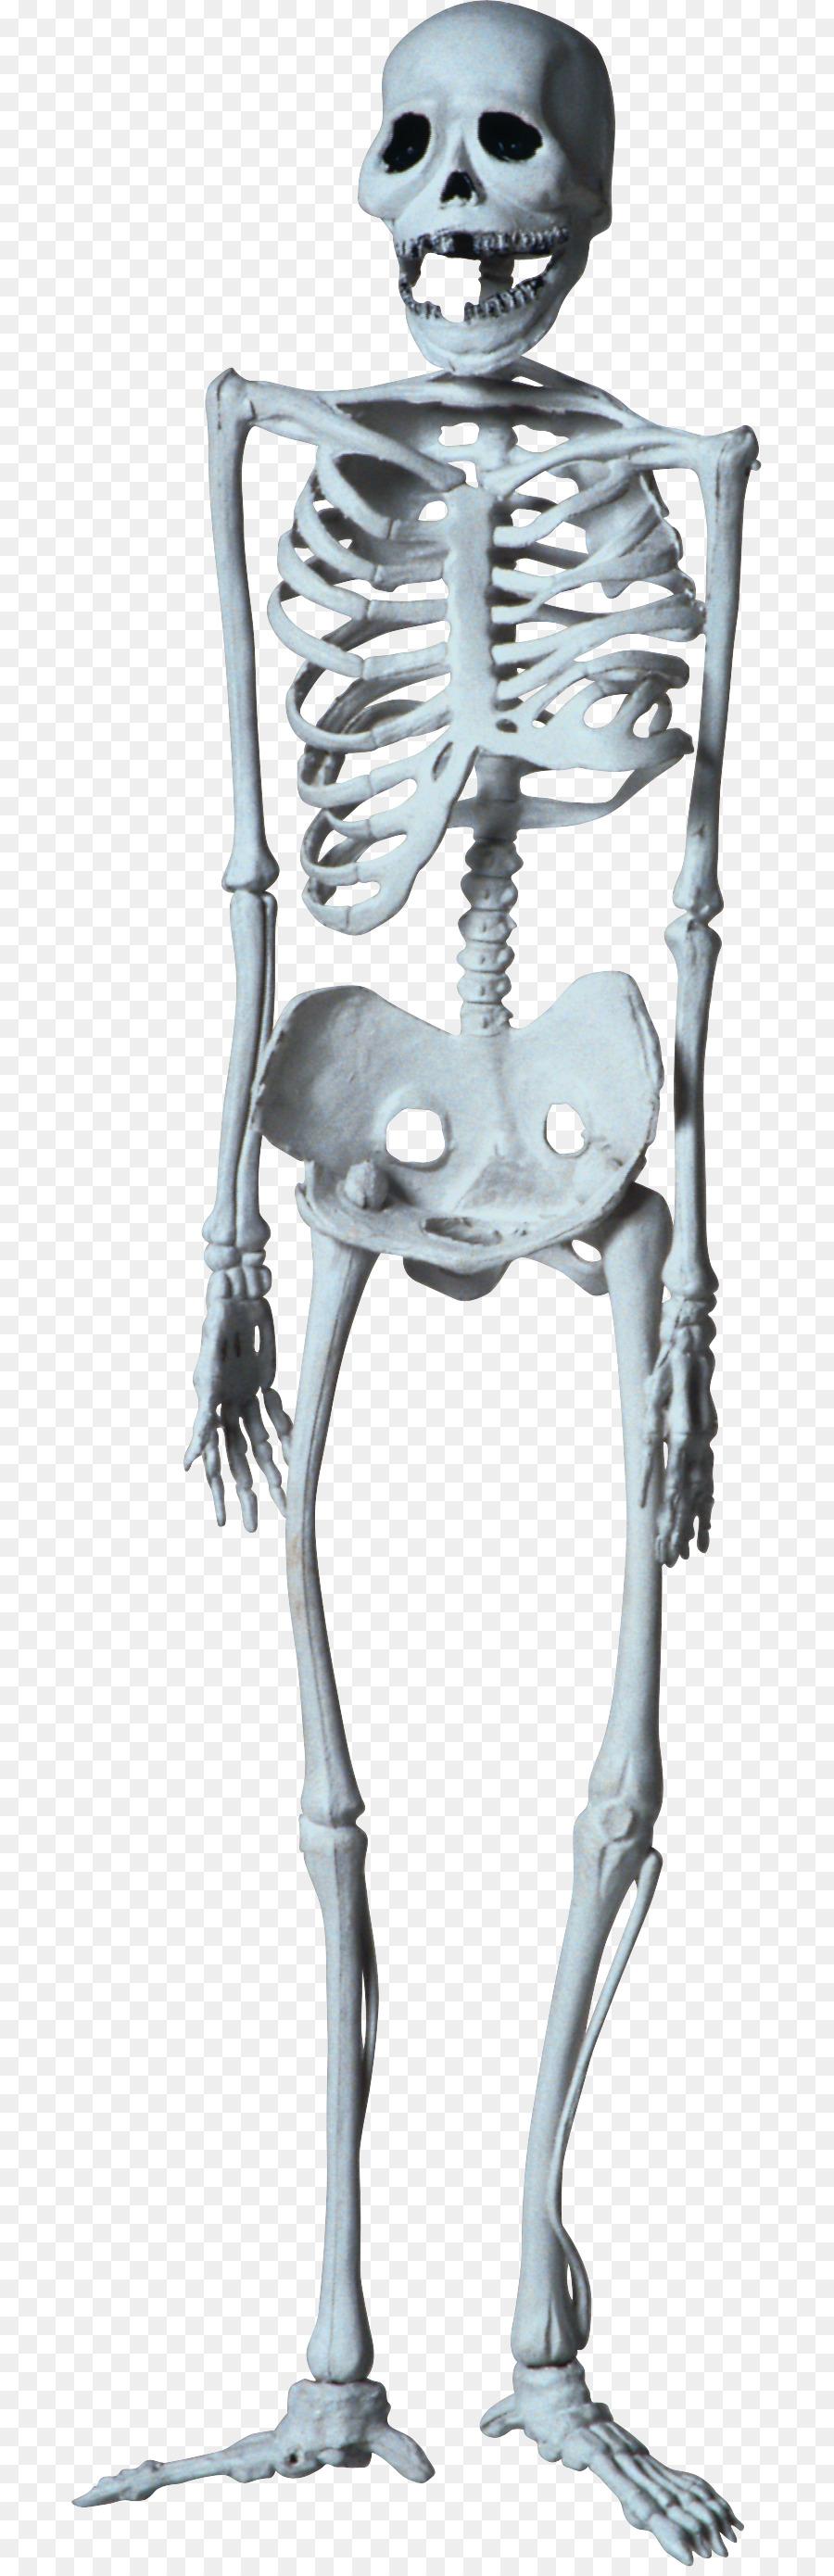 Descarga gratuita de Esqueleto, Hueso, Esqueleto Humano Imágen de Png